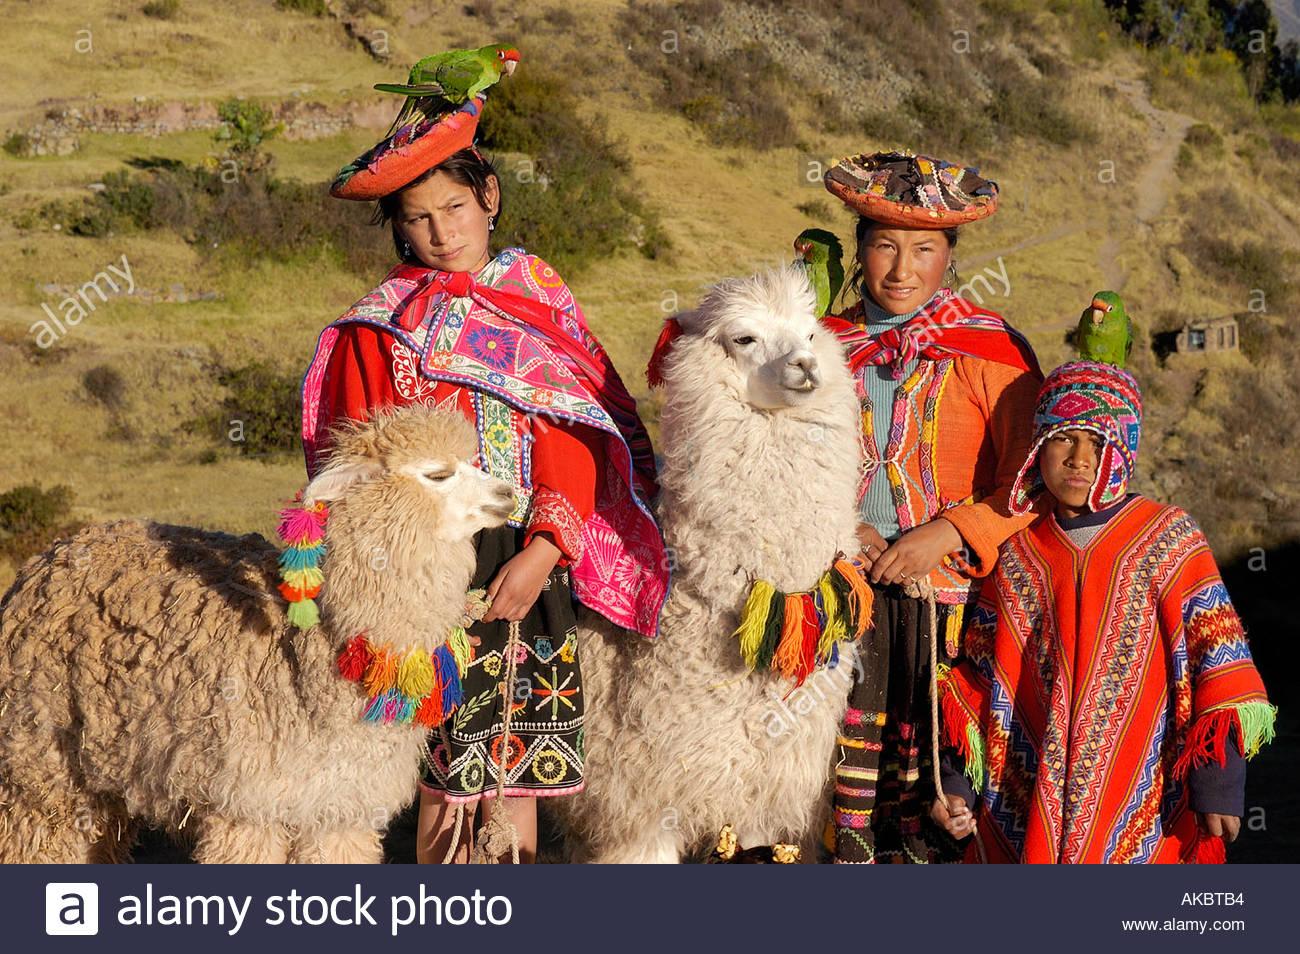 Las mujeres con niños en vestimentas nativas y sombrero sujetando Llamas Perú Imagen De Stock